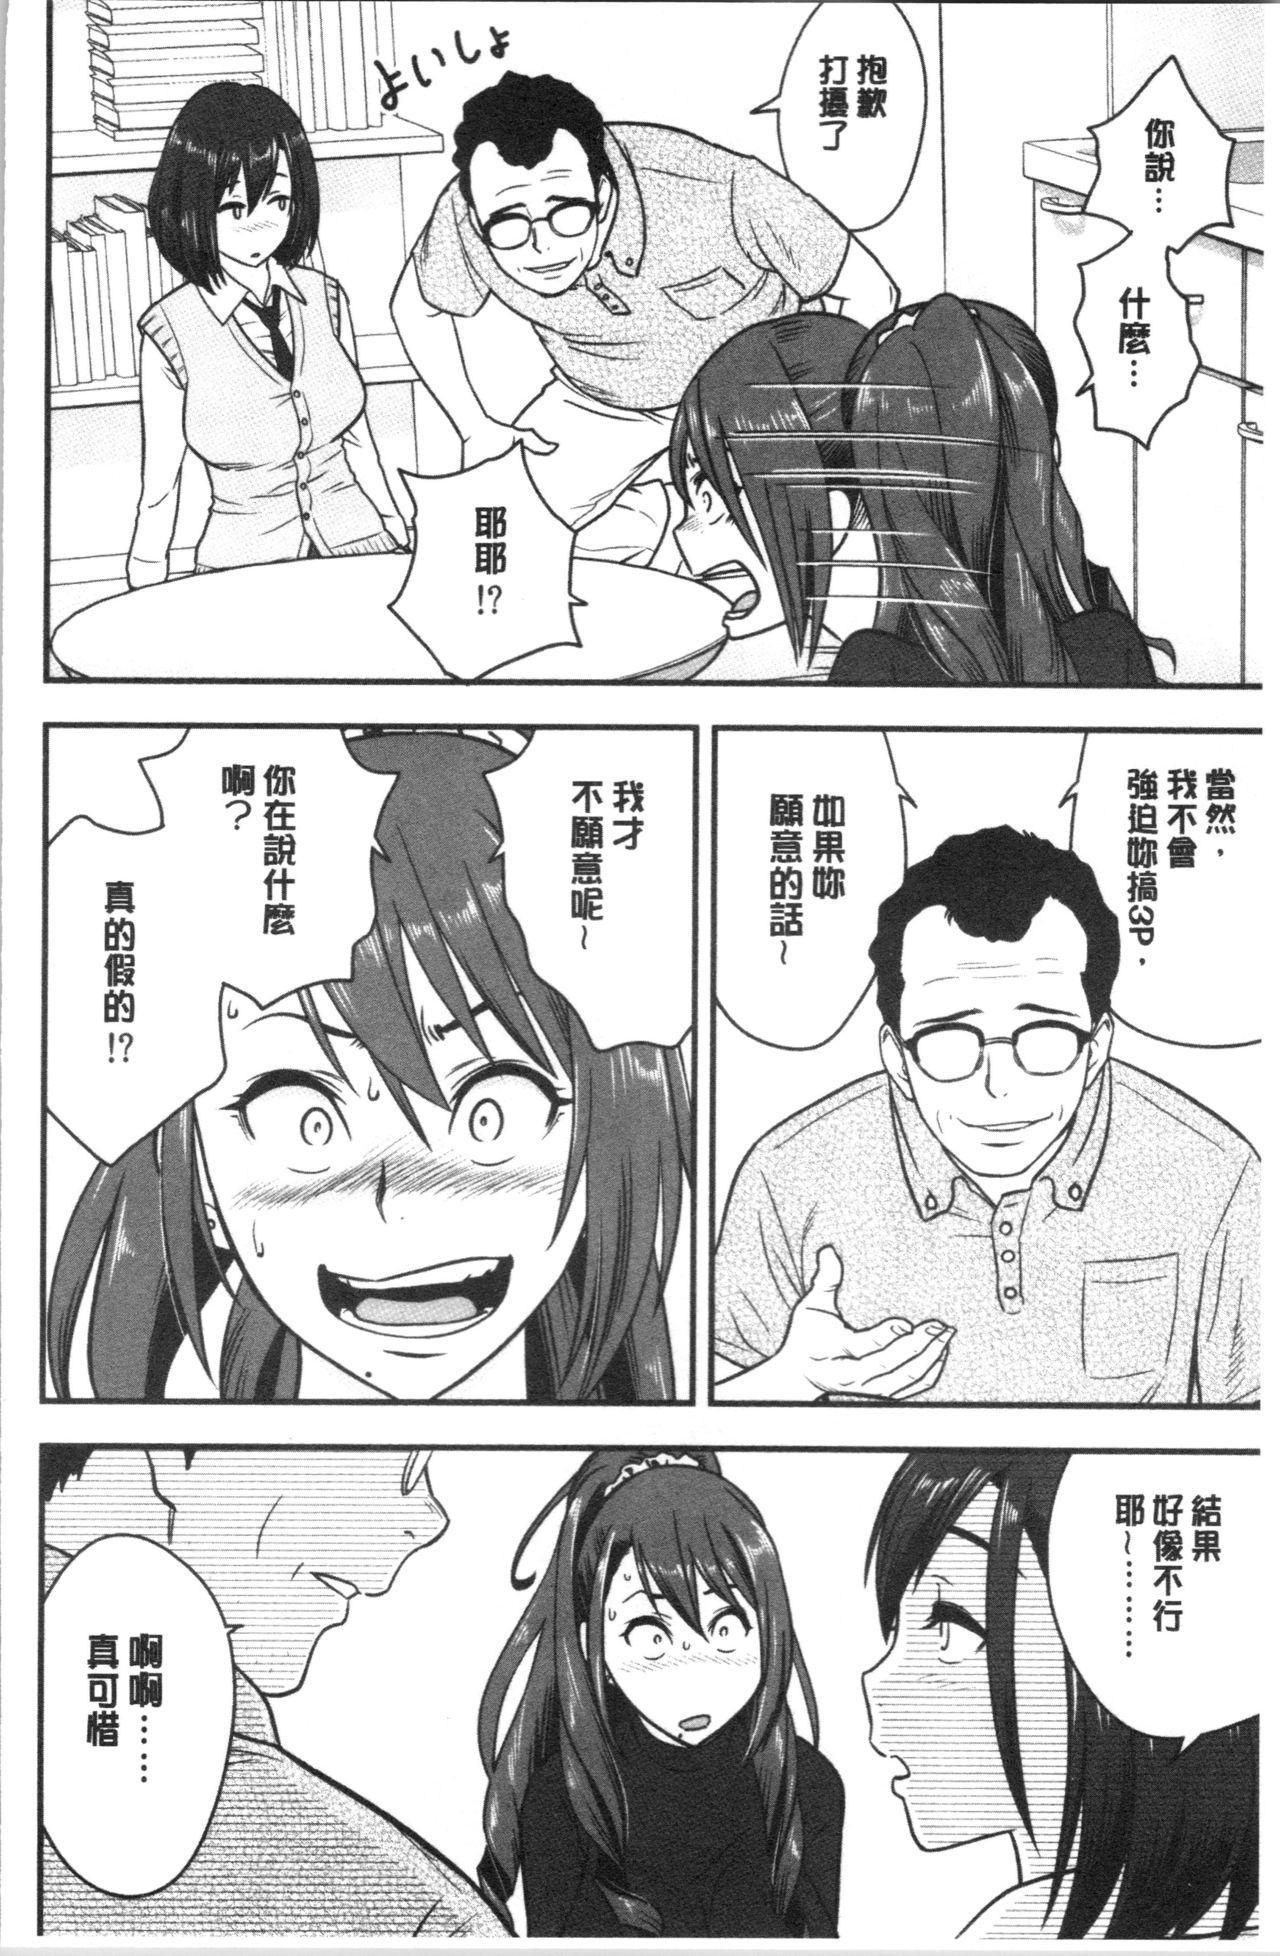 [Tatsunami Youtoku] Dankon Sousai -Hitozuma Kyoushi ga Netorareru made no Kiroku- | 男根想妻 -人妻女教師被寢取偷吃為止的記錄- [Chinese] 66